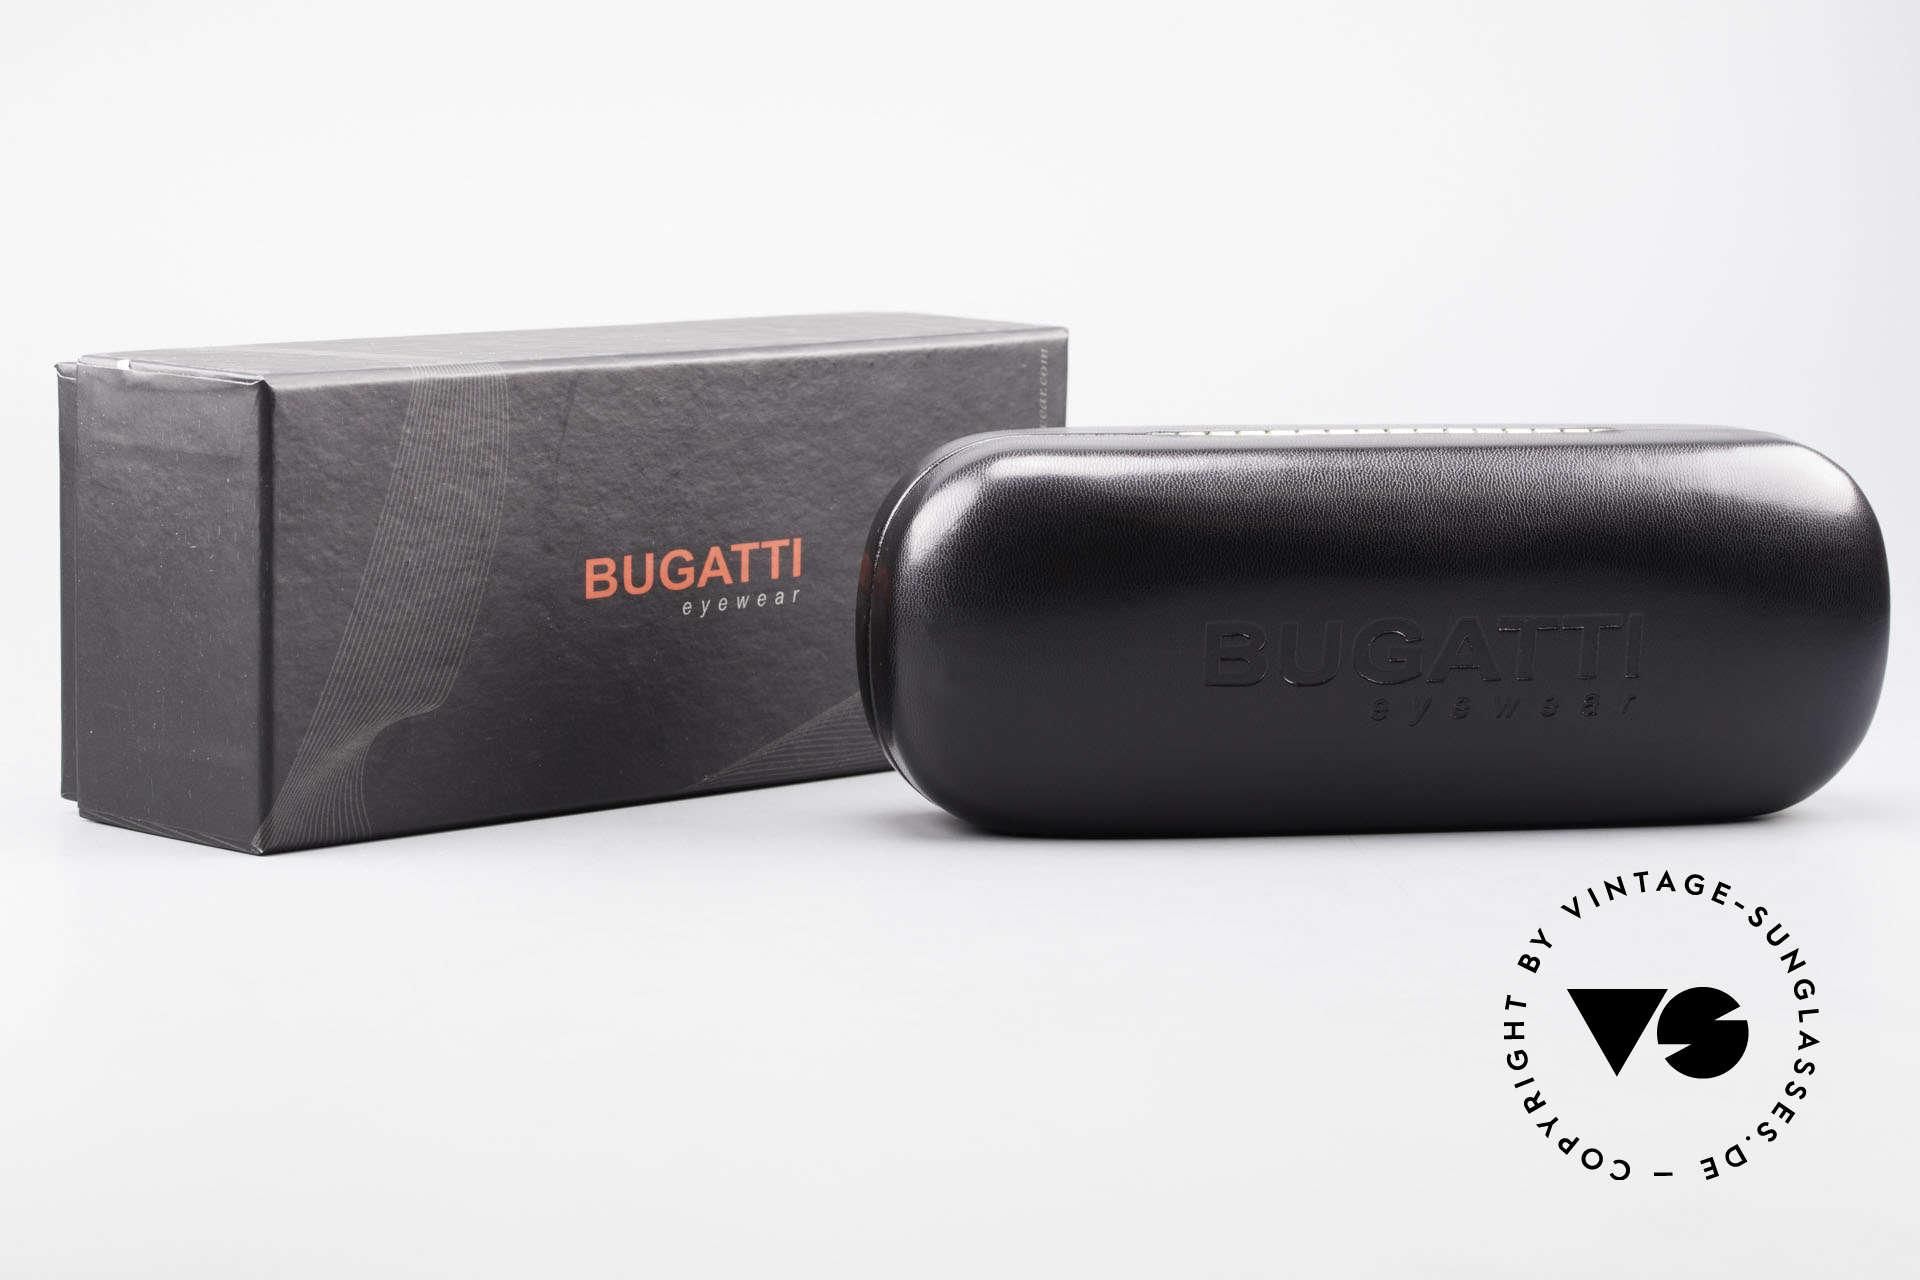 Bugatti 518 Weissgold Fassung Ebenholz, Größe: large, Passend für Herren